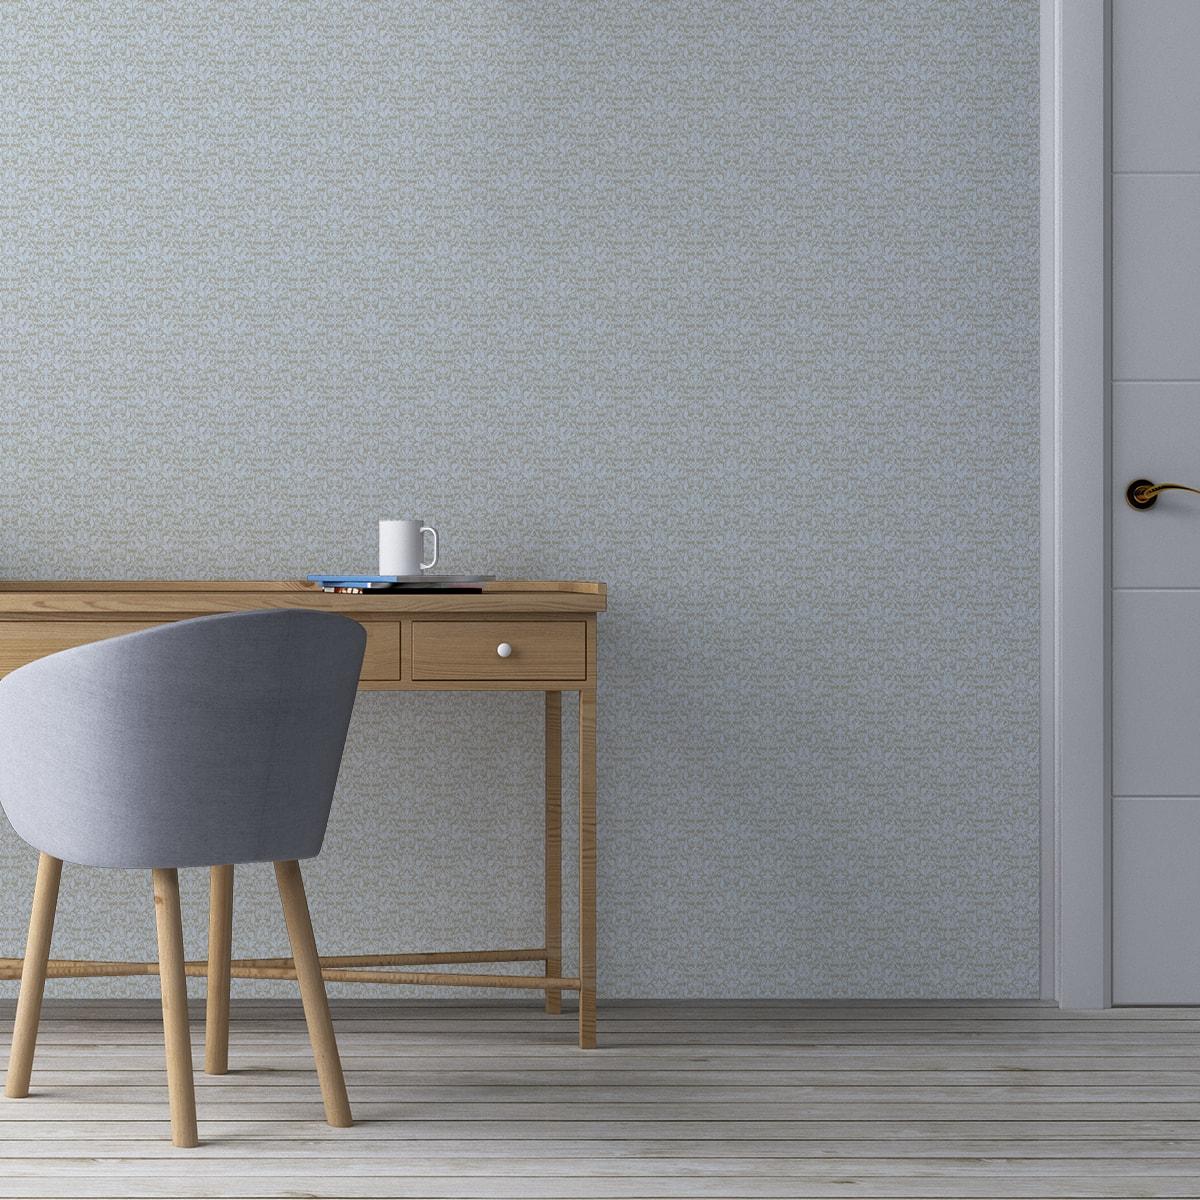 Full Size of Wohnzimmer Tapeten Von Rasch Wohnzimmer Tapezieren Muster Kosten Für Wohnzimmer Tapezieren Wohnzimmer Tapeten Schöner Wohnen Wohnzimmer Wohnzimmer Tapete